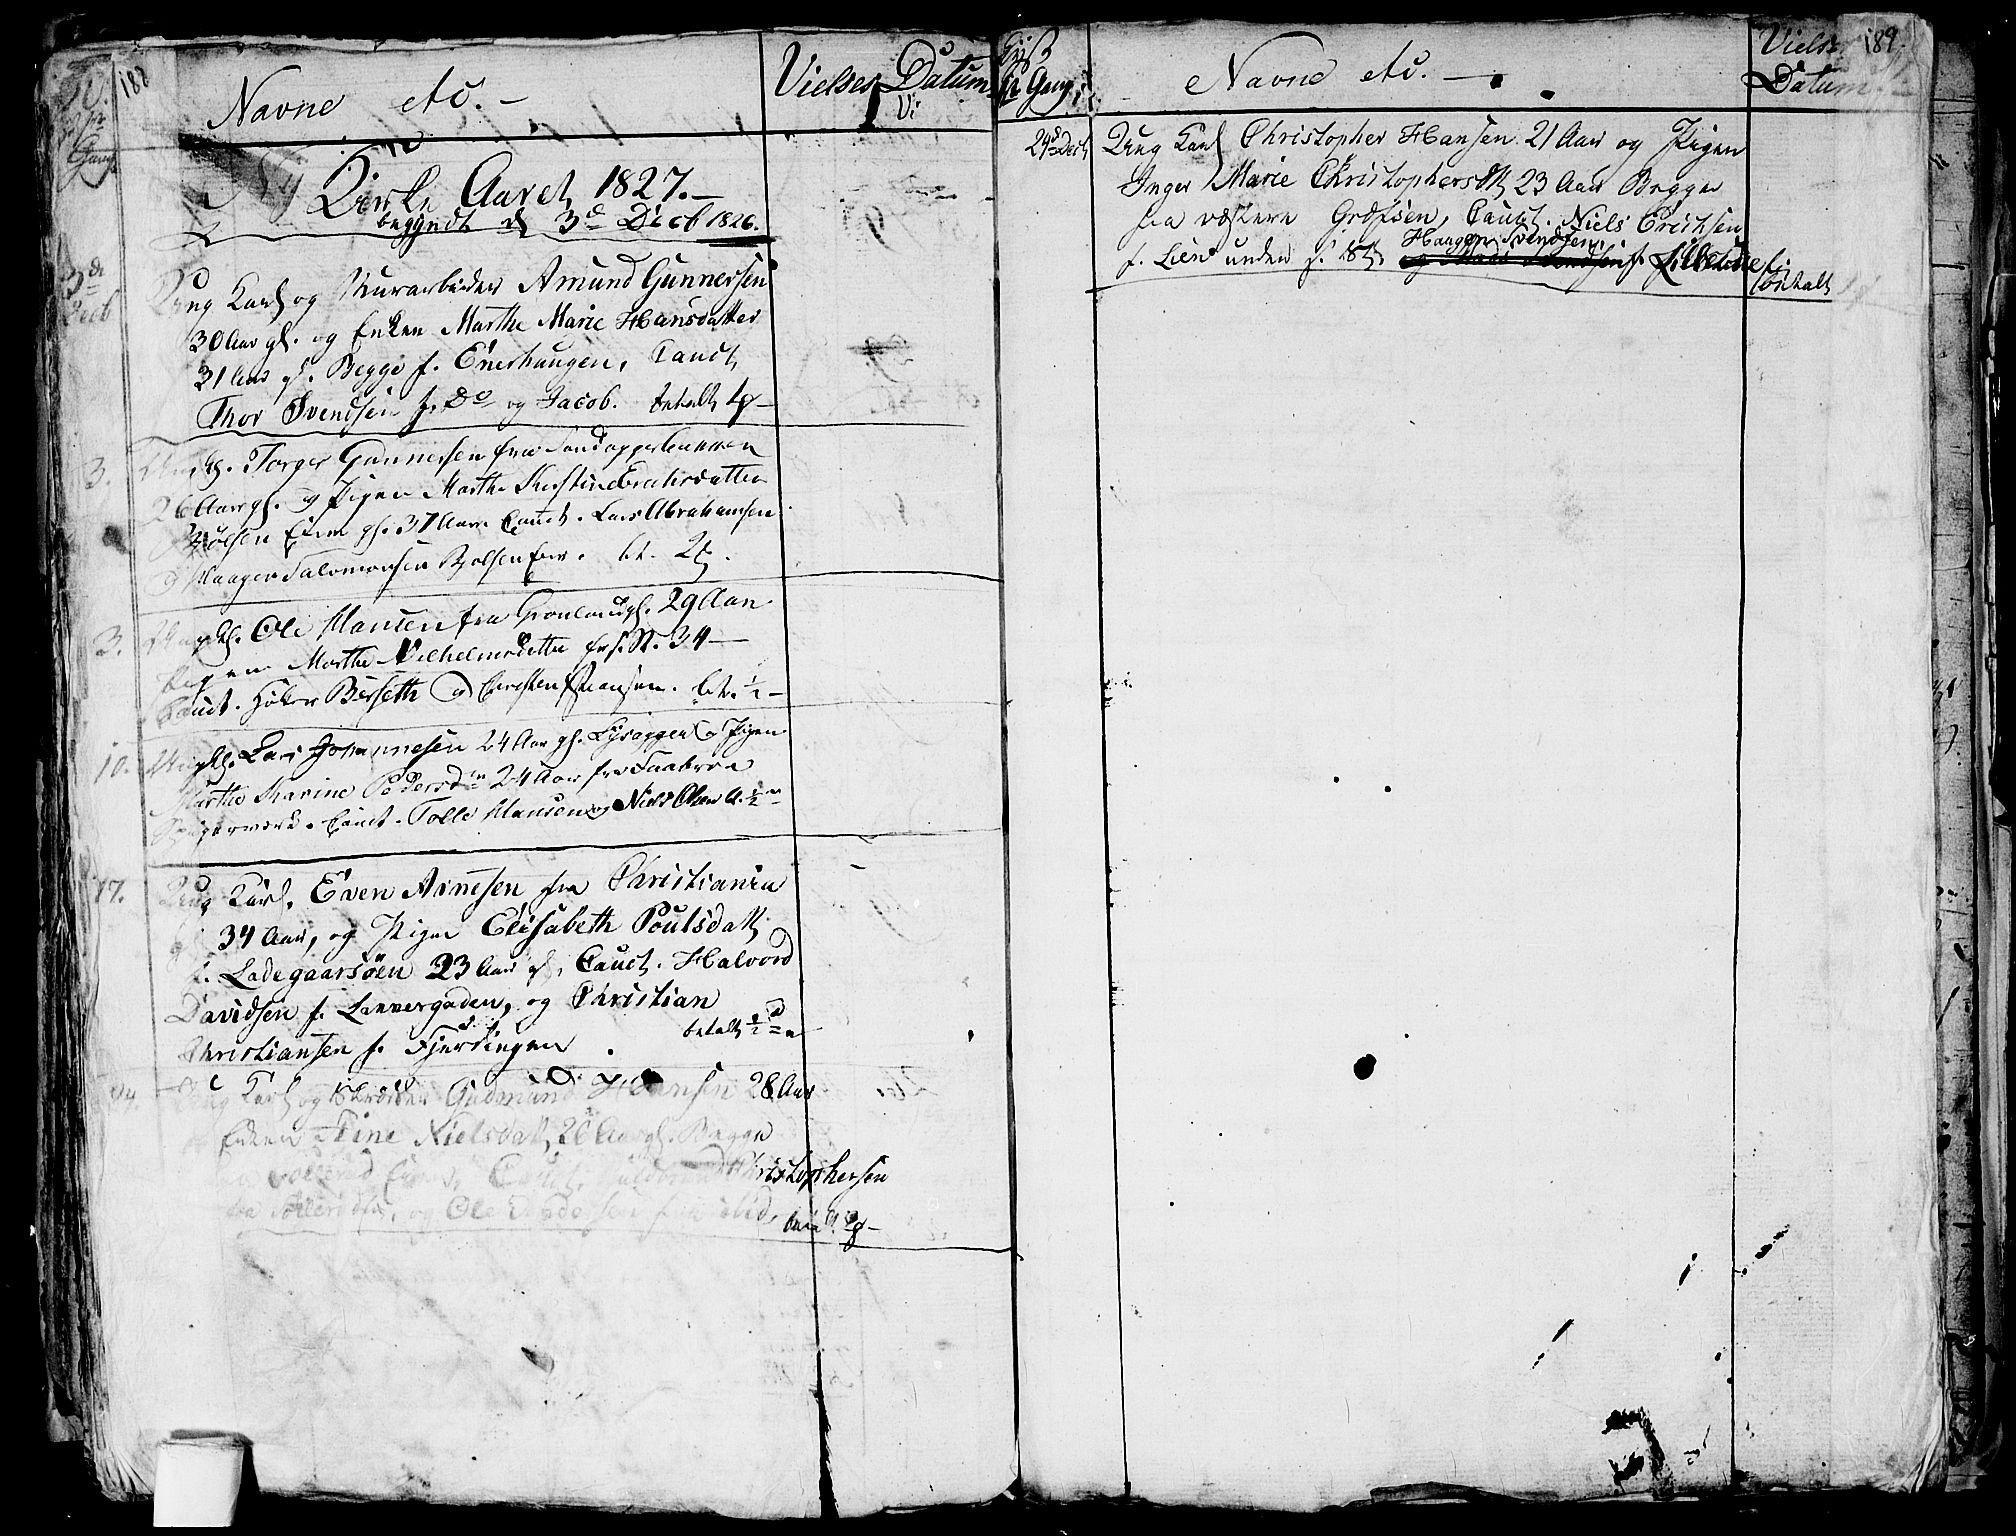 SAO, Aker prestekontor kirkebøker, G/L0001: Klokkerbok nr. 1, 1796-1826, s. 188-189